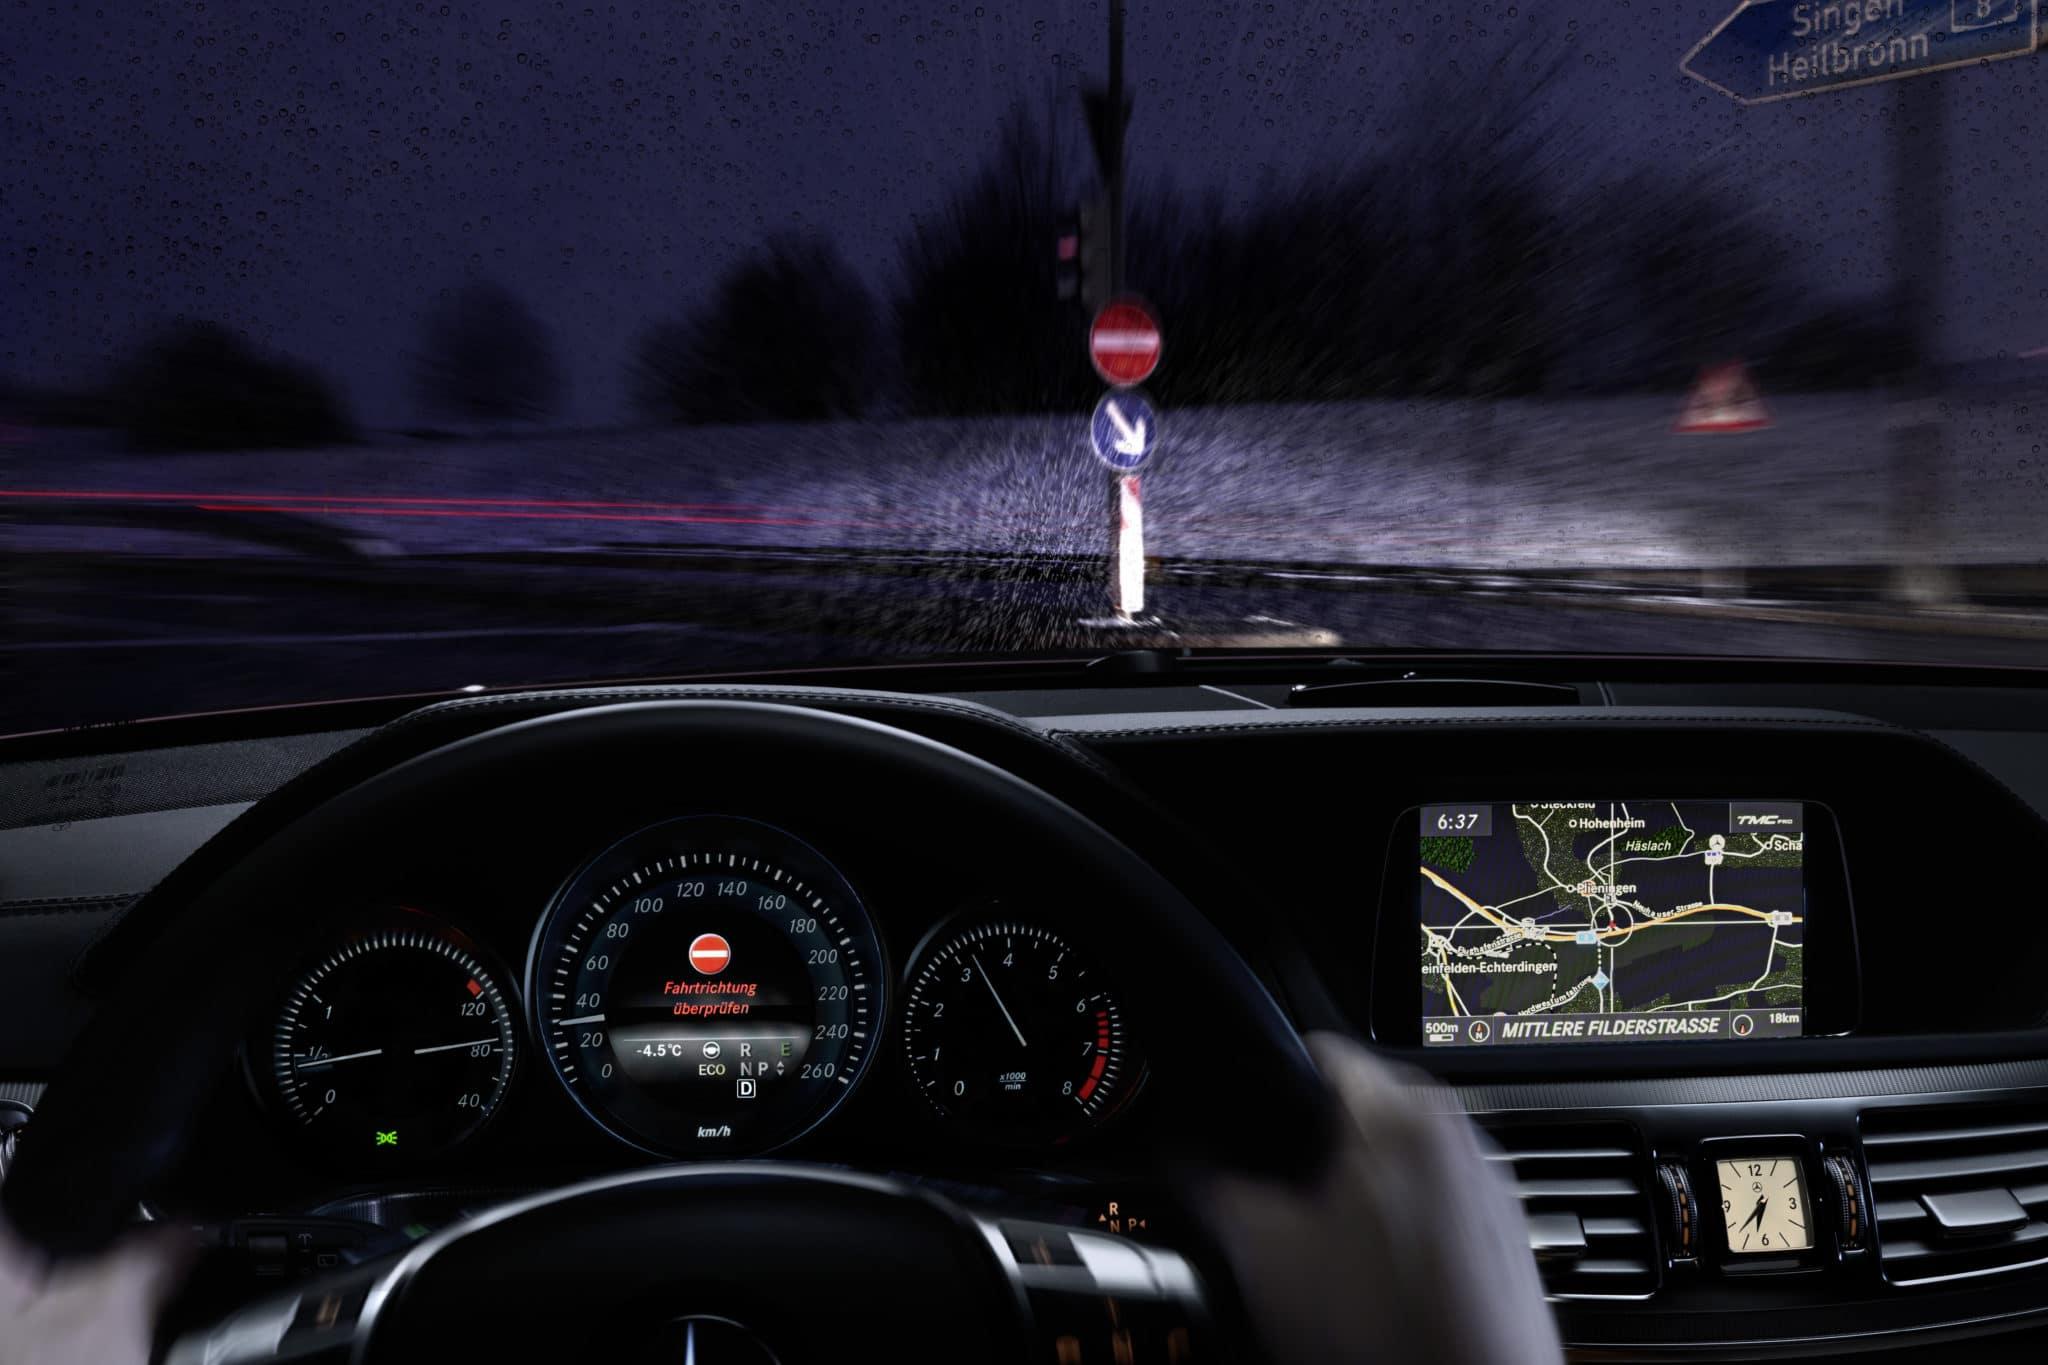 Mercedes-Benz lancia sul mercato il primo sistema di assistenza alla guida che rileva la marcia contromano